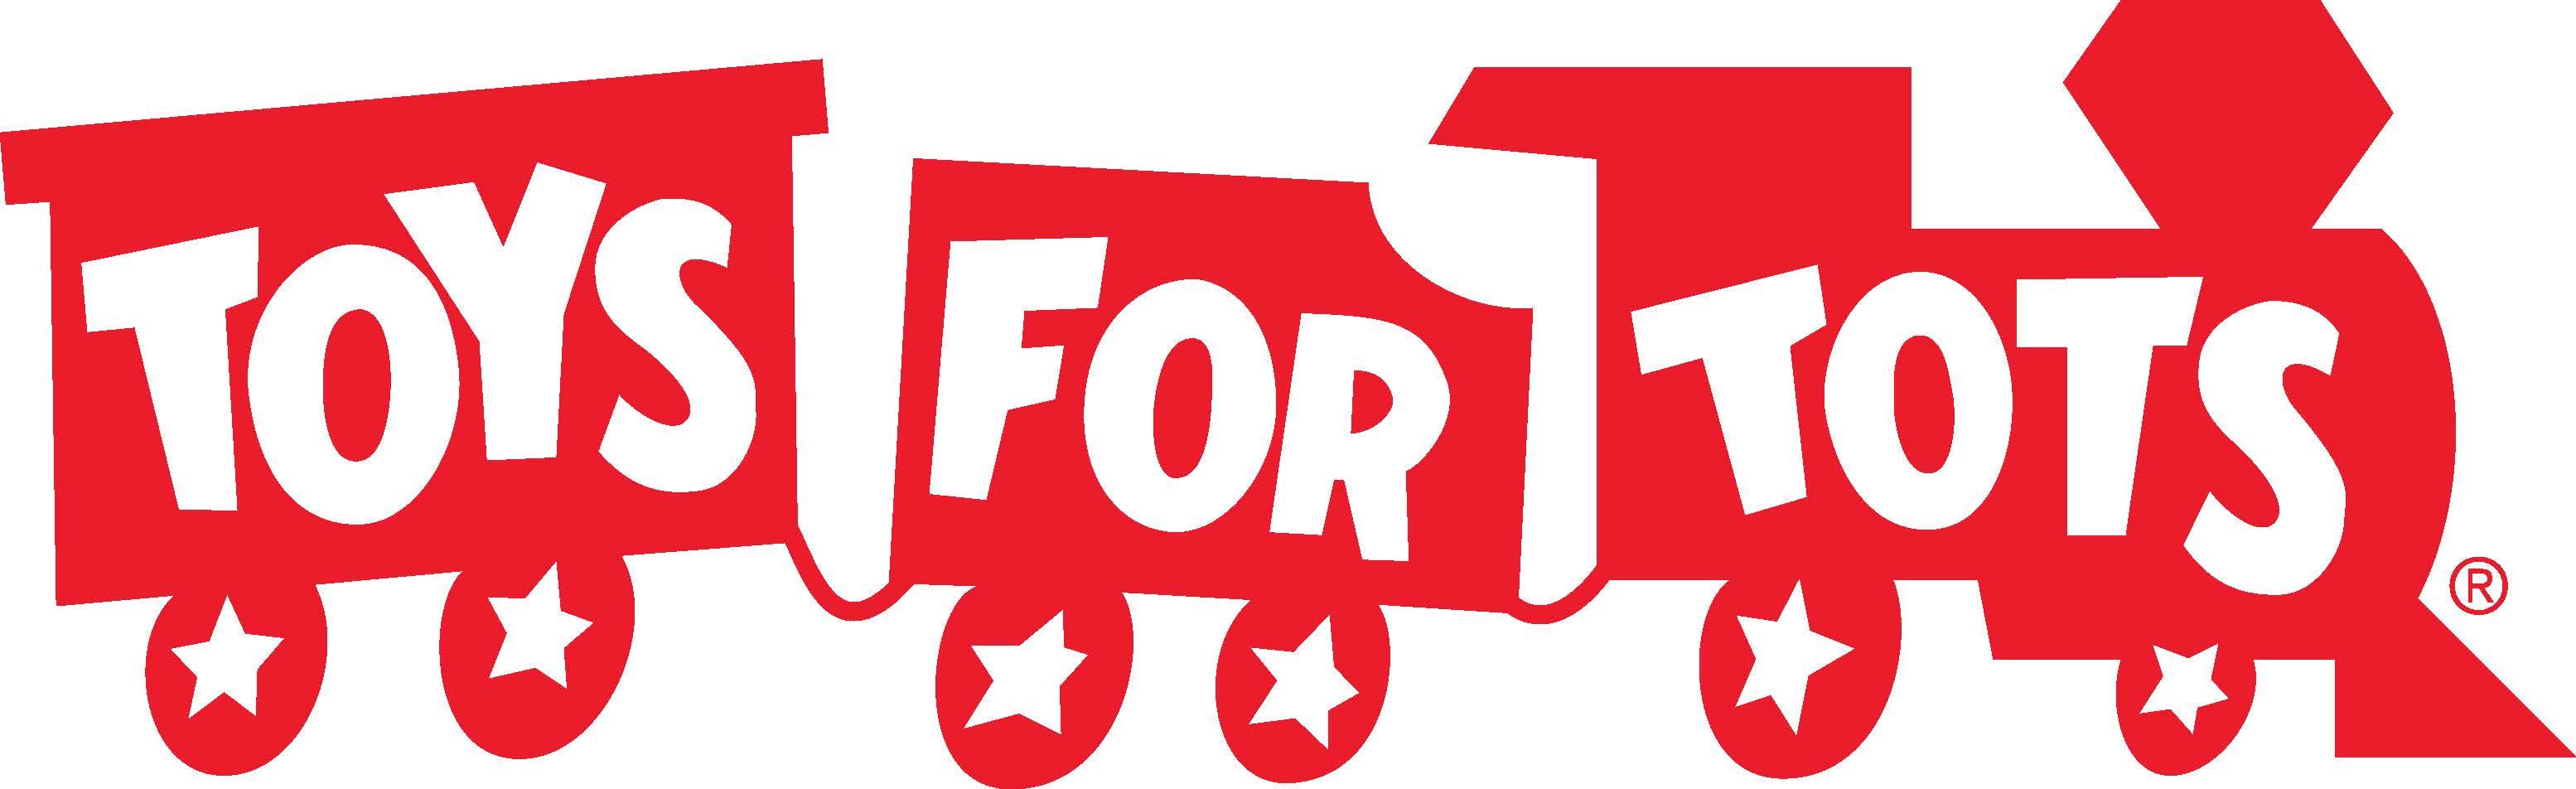 TFTofficial-logo